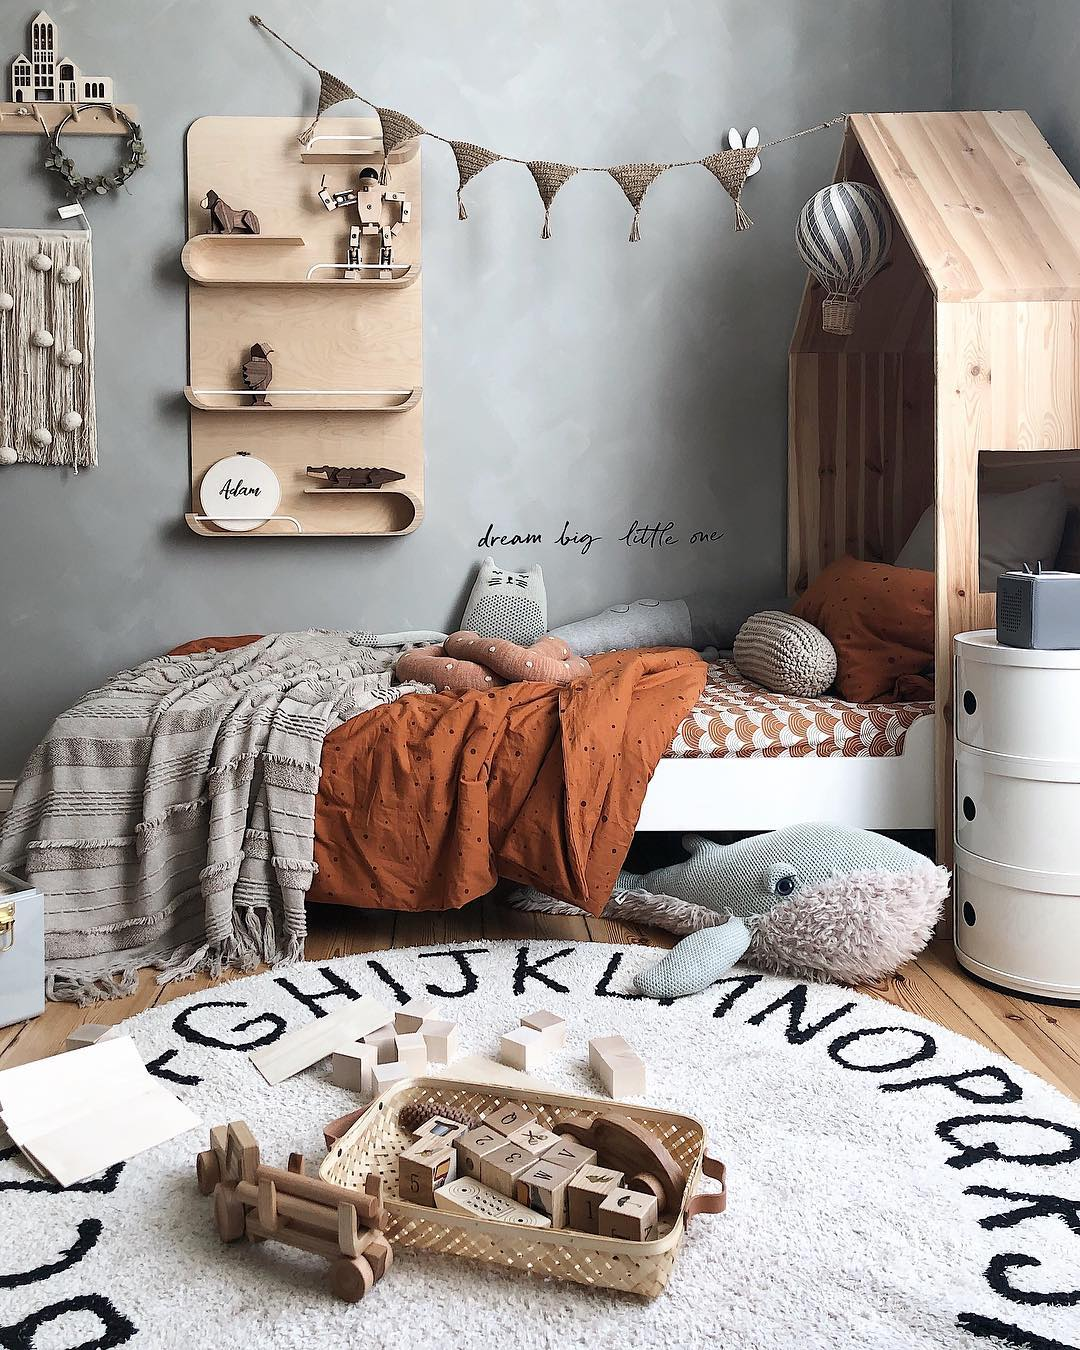 couleur pastel chambre bleu gris tapis rond jouet bois tête de lit cabane - blog déco - clem around the corner